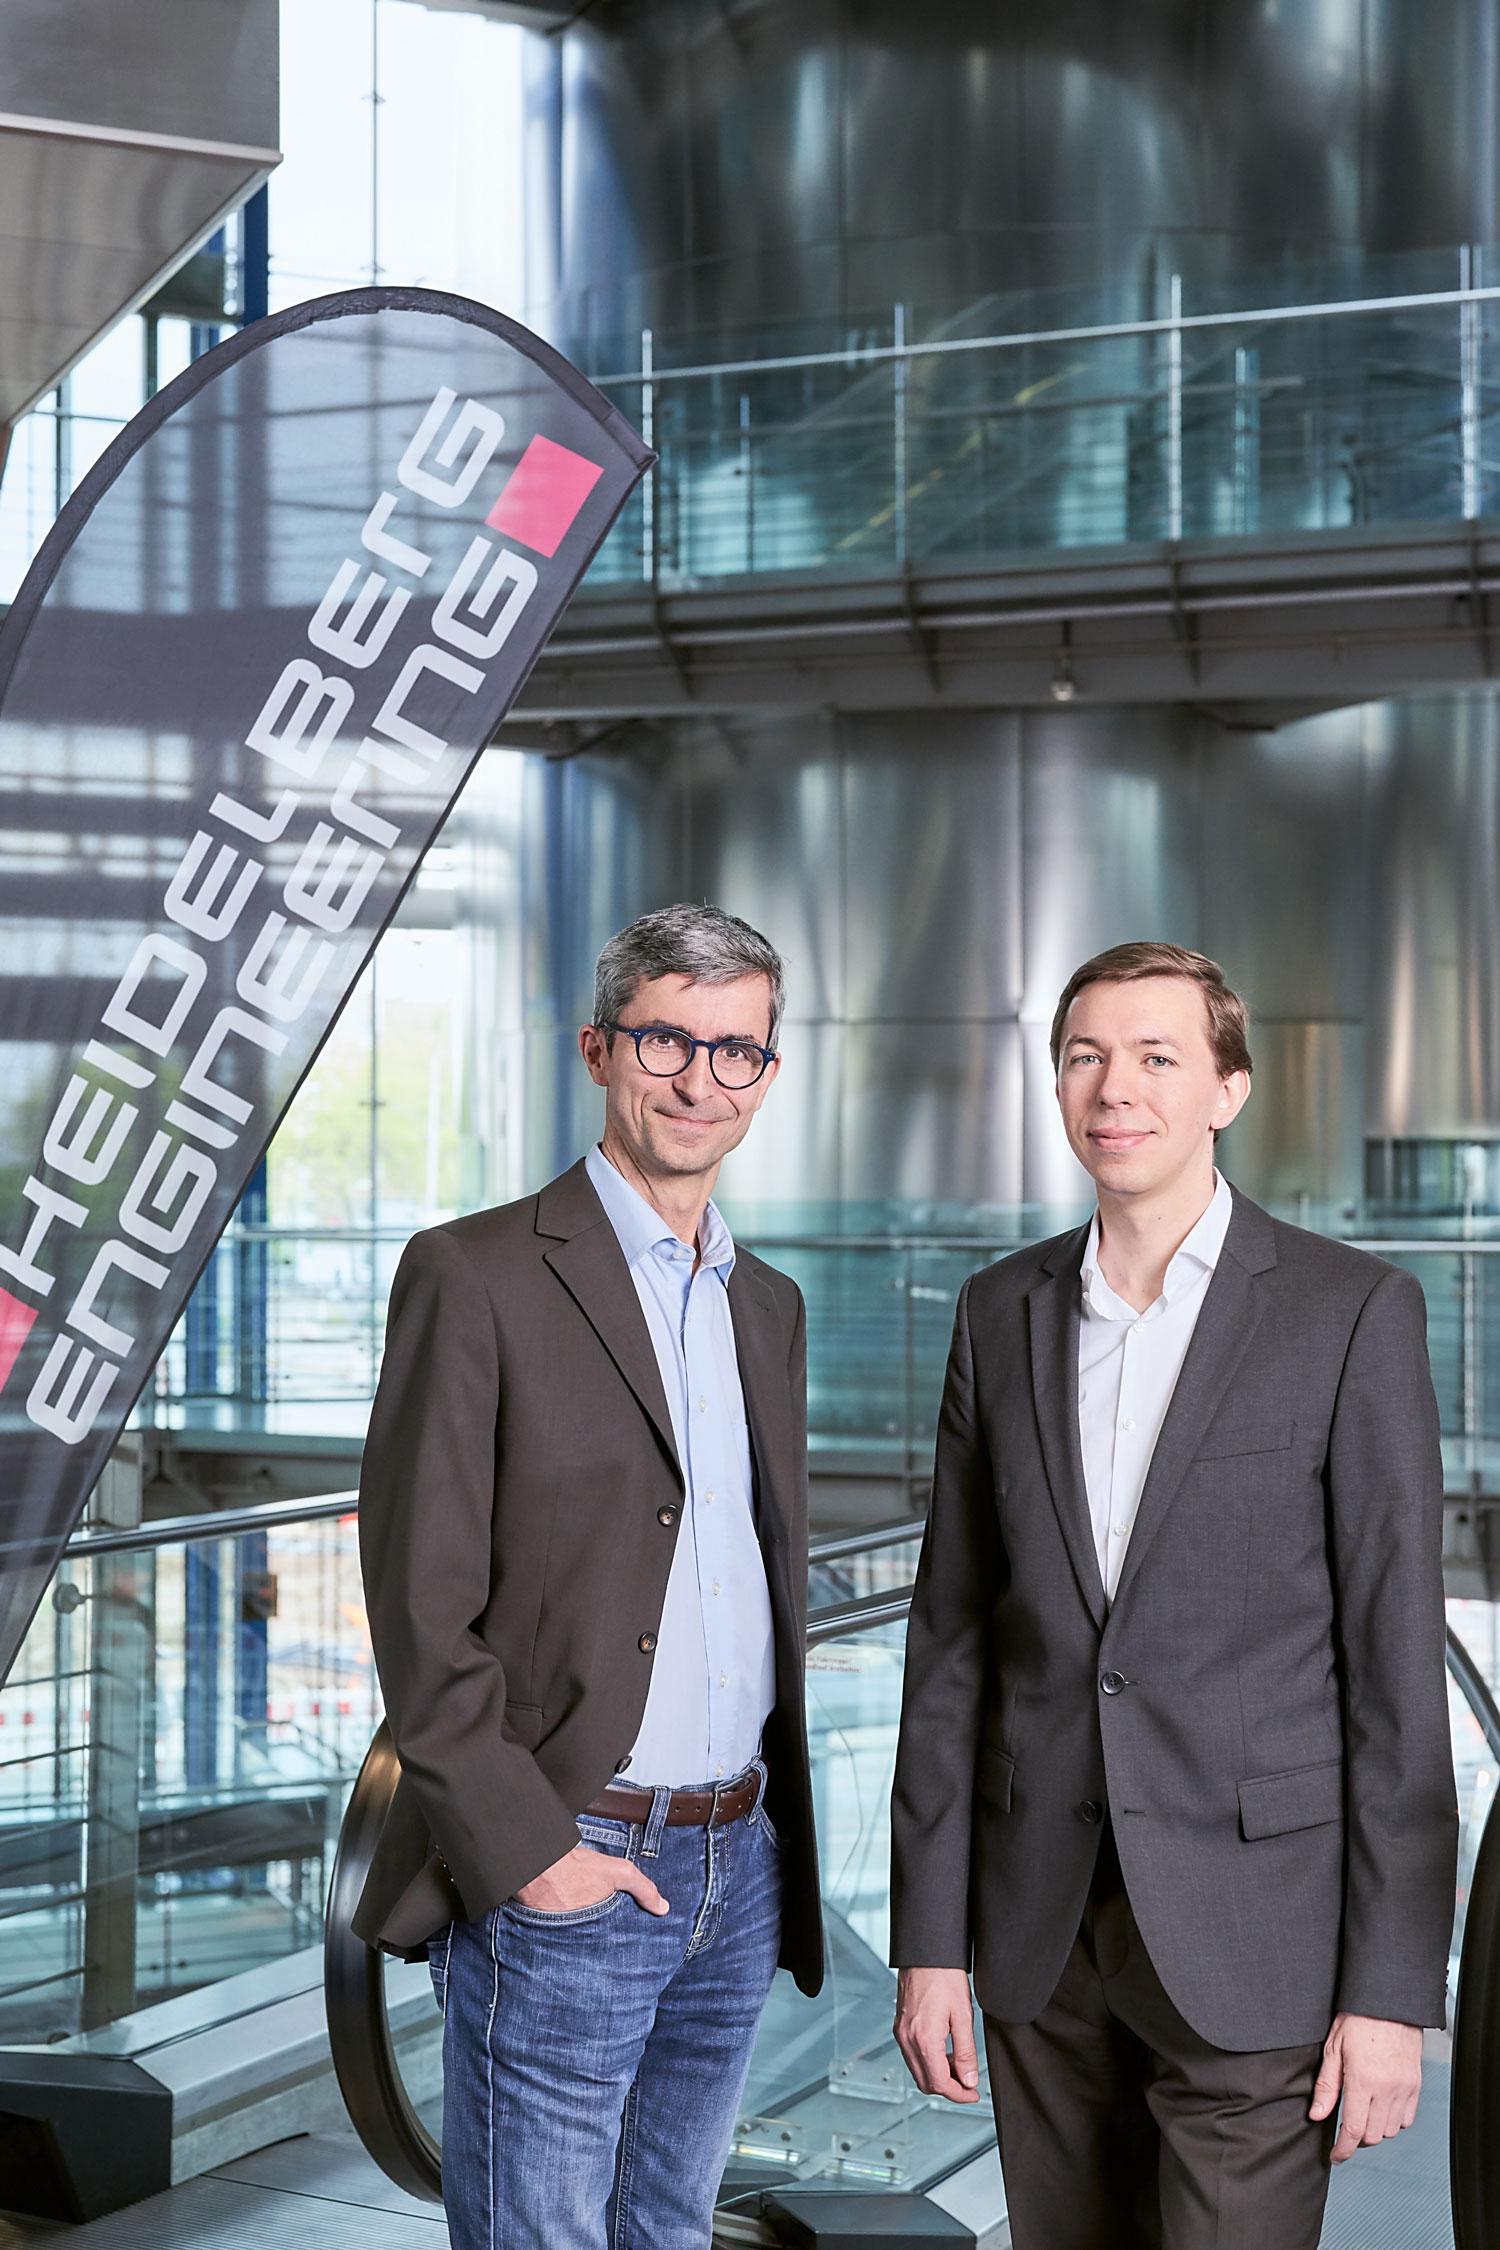 Dr. Tilman Otto (links) übernimmt die Position Leiter Technologiemanagement für ophthalmologische Geräte und Dr. Christian Odaker (rechts) tritt als Leiter Forschung und Entwicklung ins Unternehmen ein.